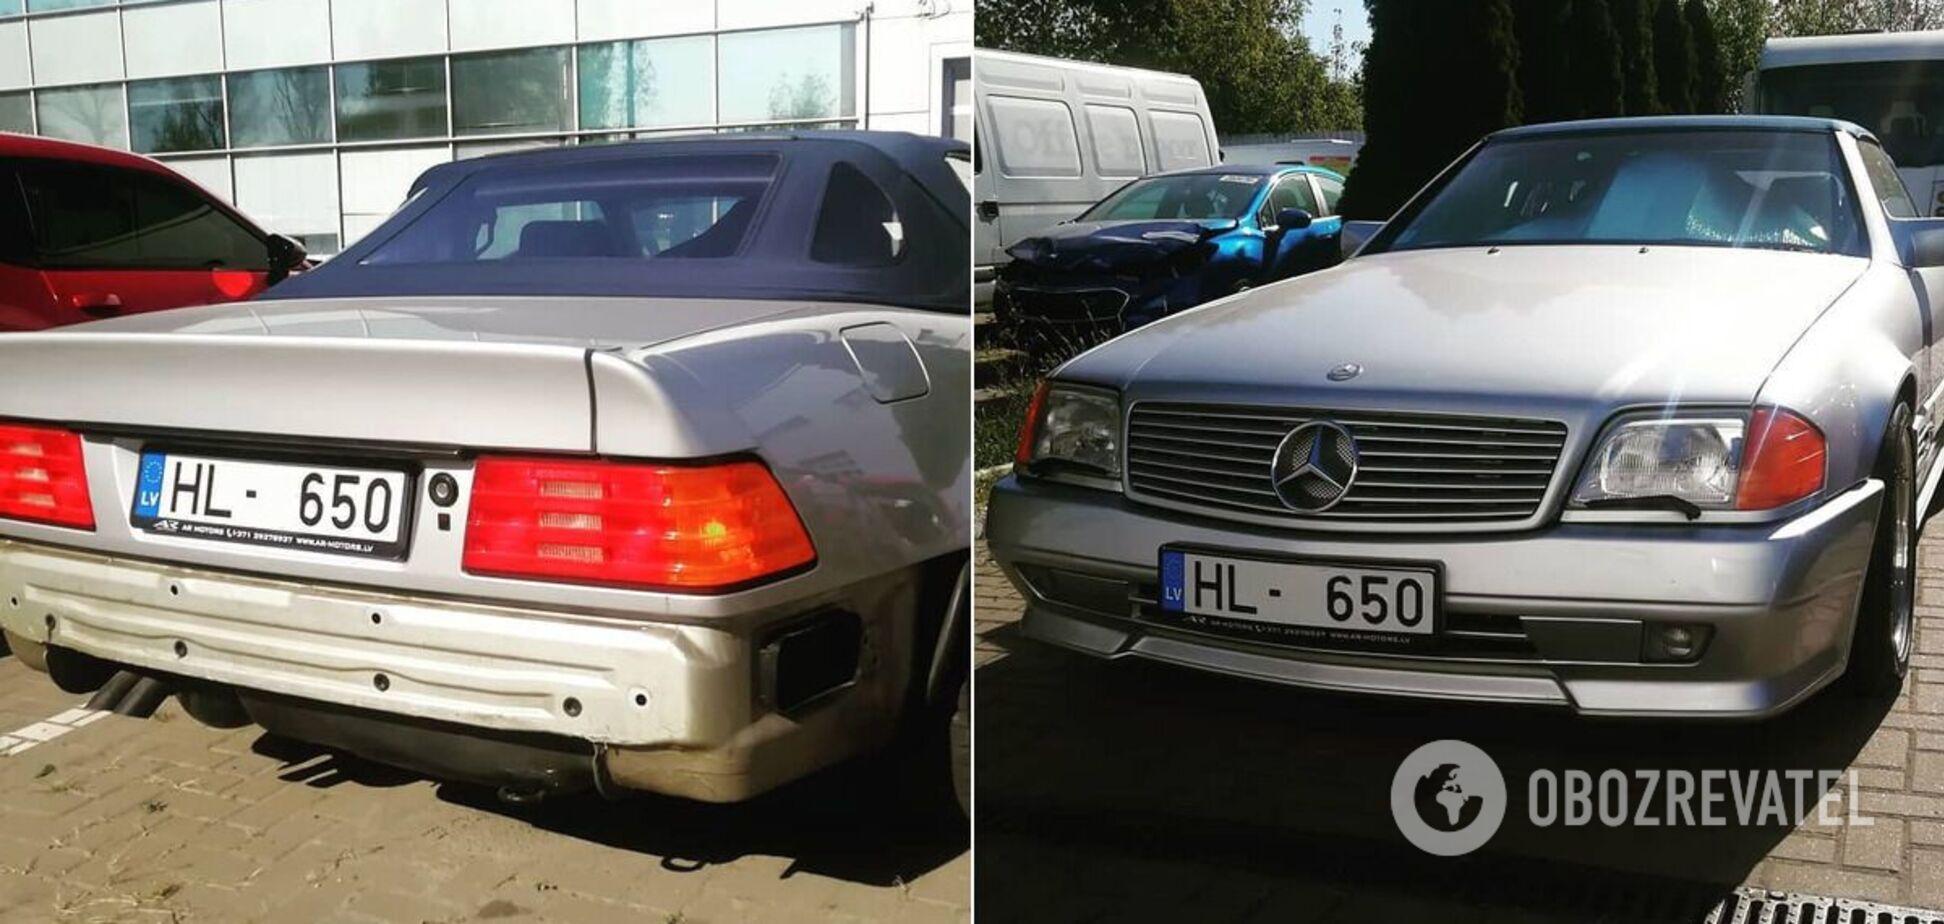 Культовый Mercedes на европейских номерах, замеченный в Киеве